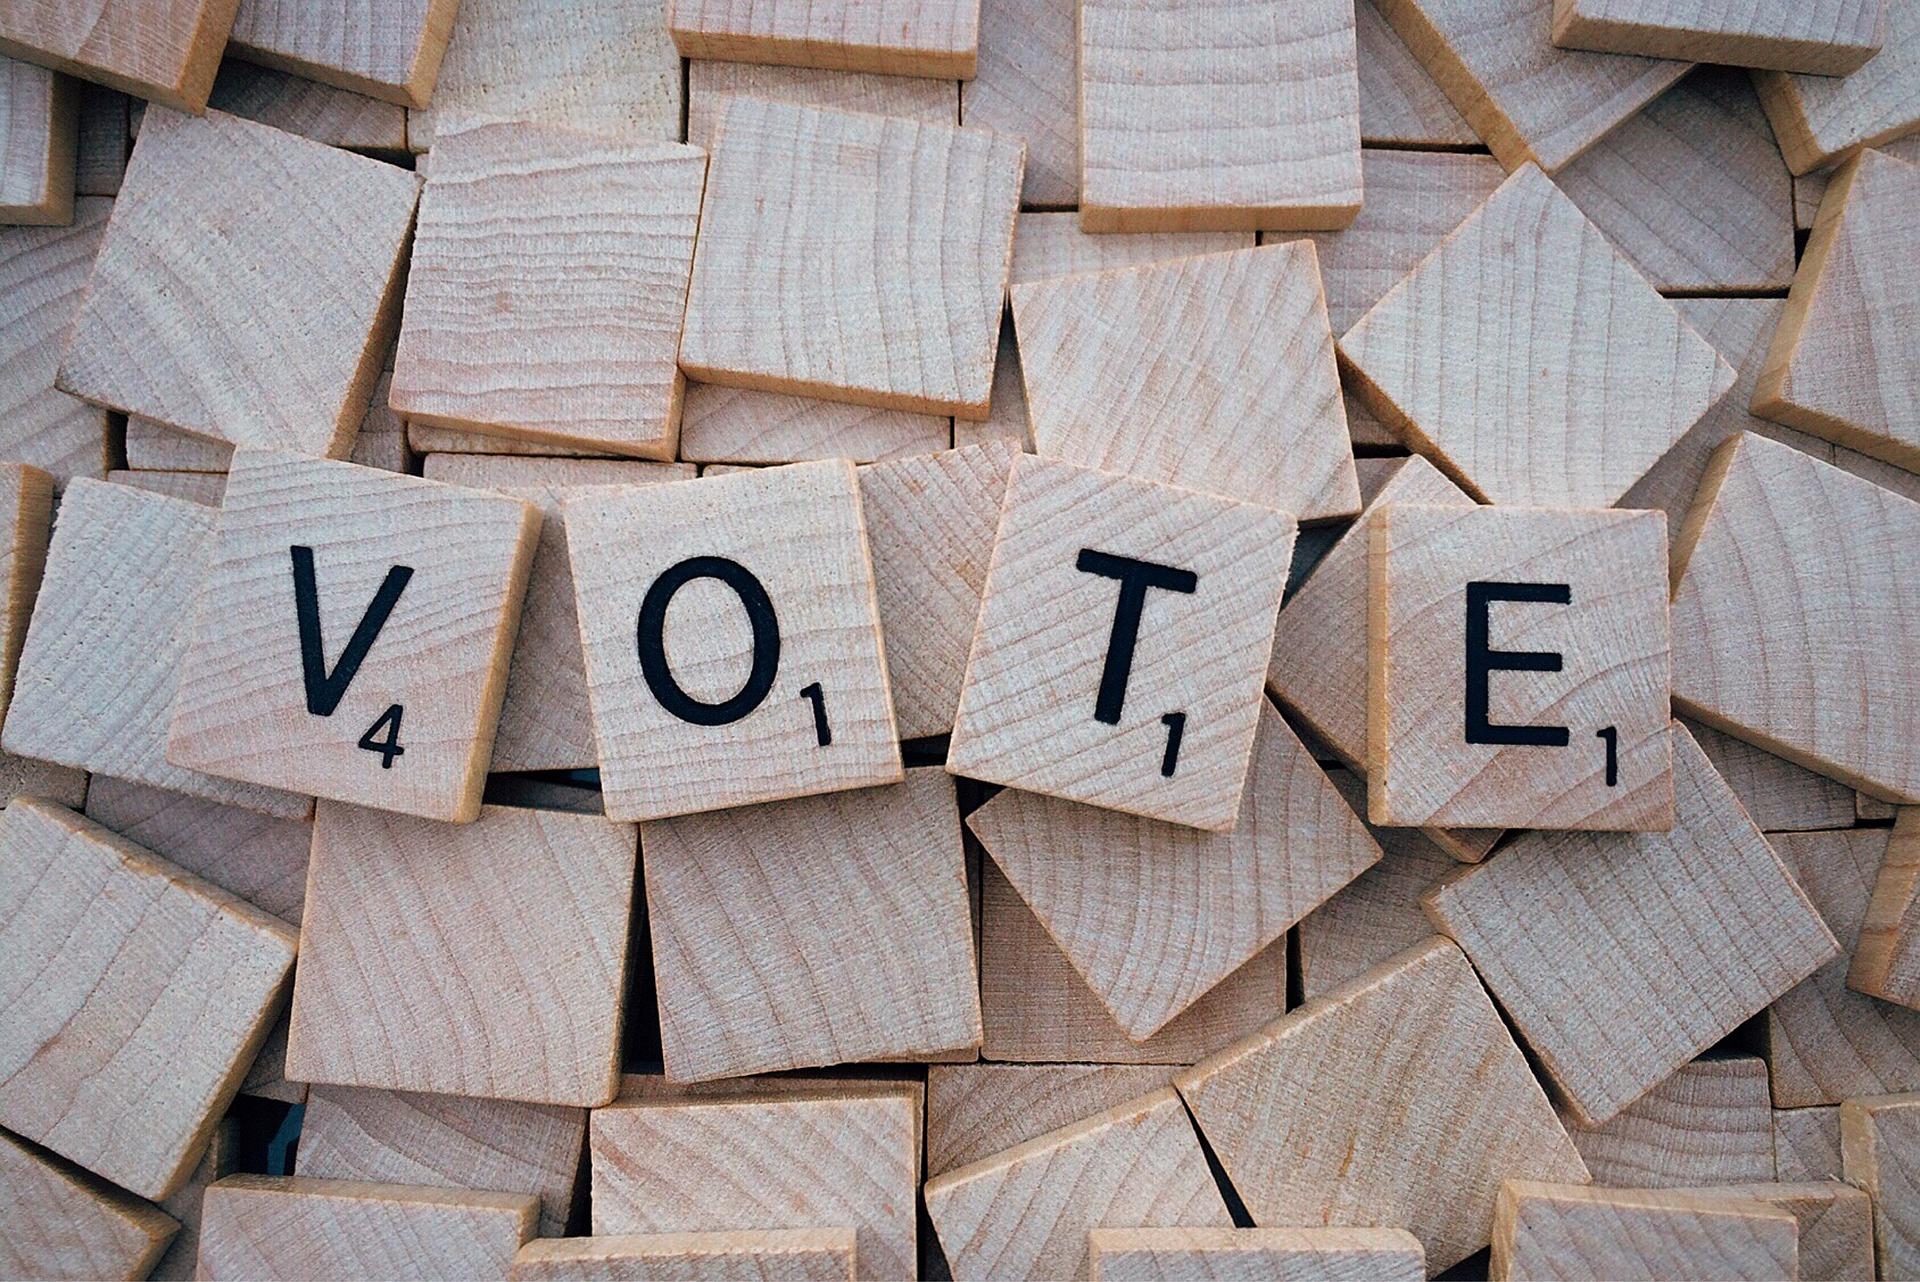 MIASF Board of Directors Election